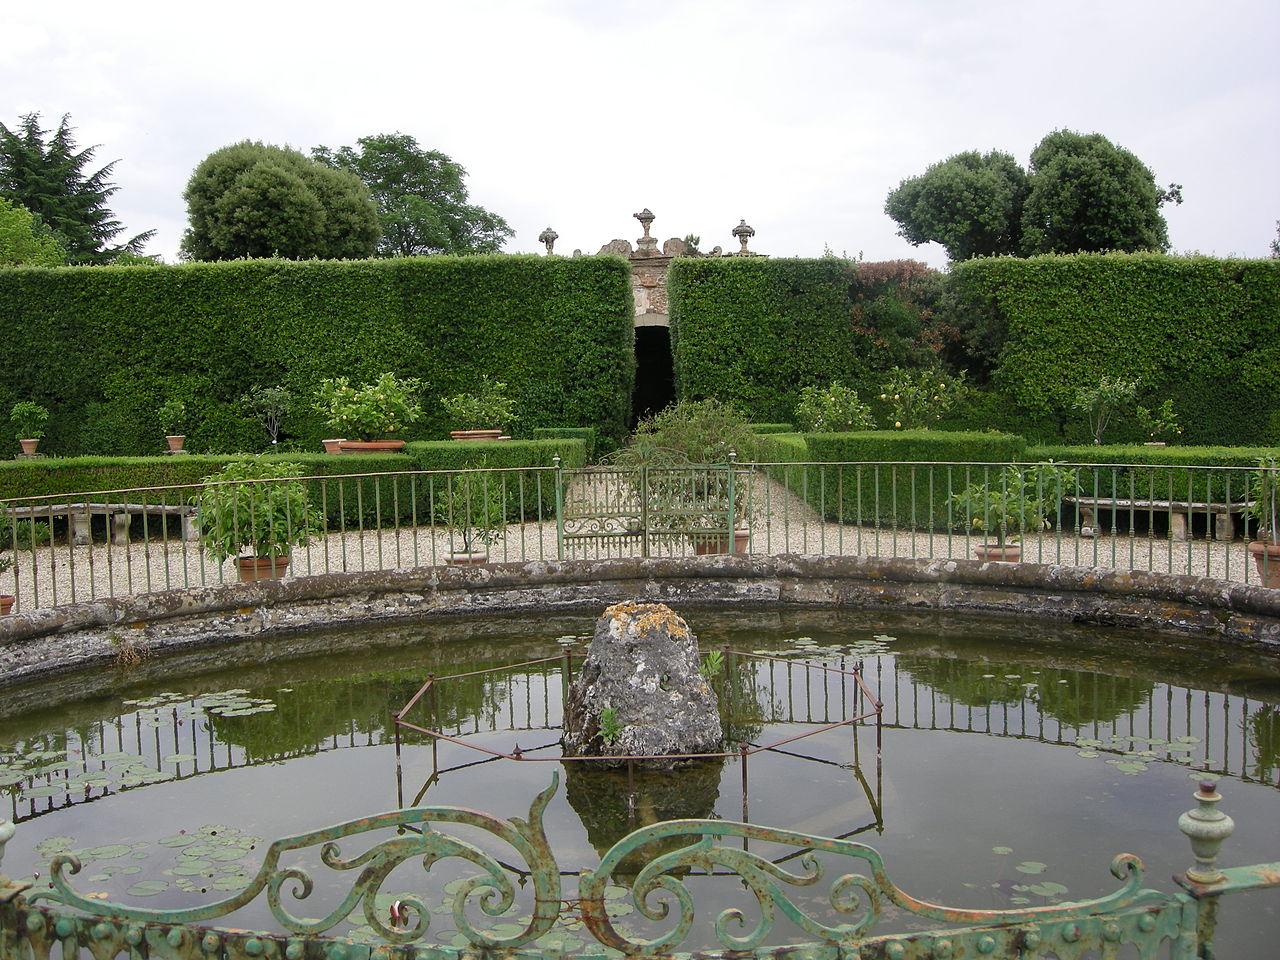 File villa la quiete giardino vasca 02 jpg wikimedia for Vasca giardino